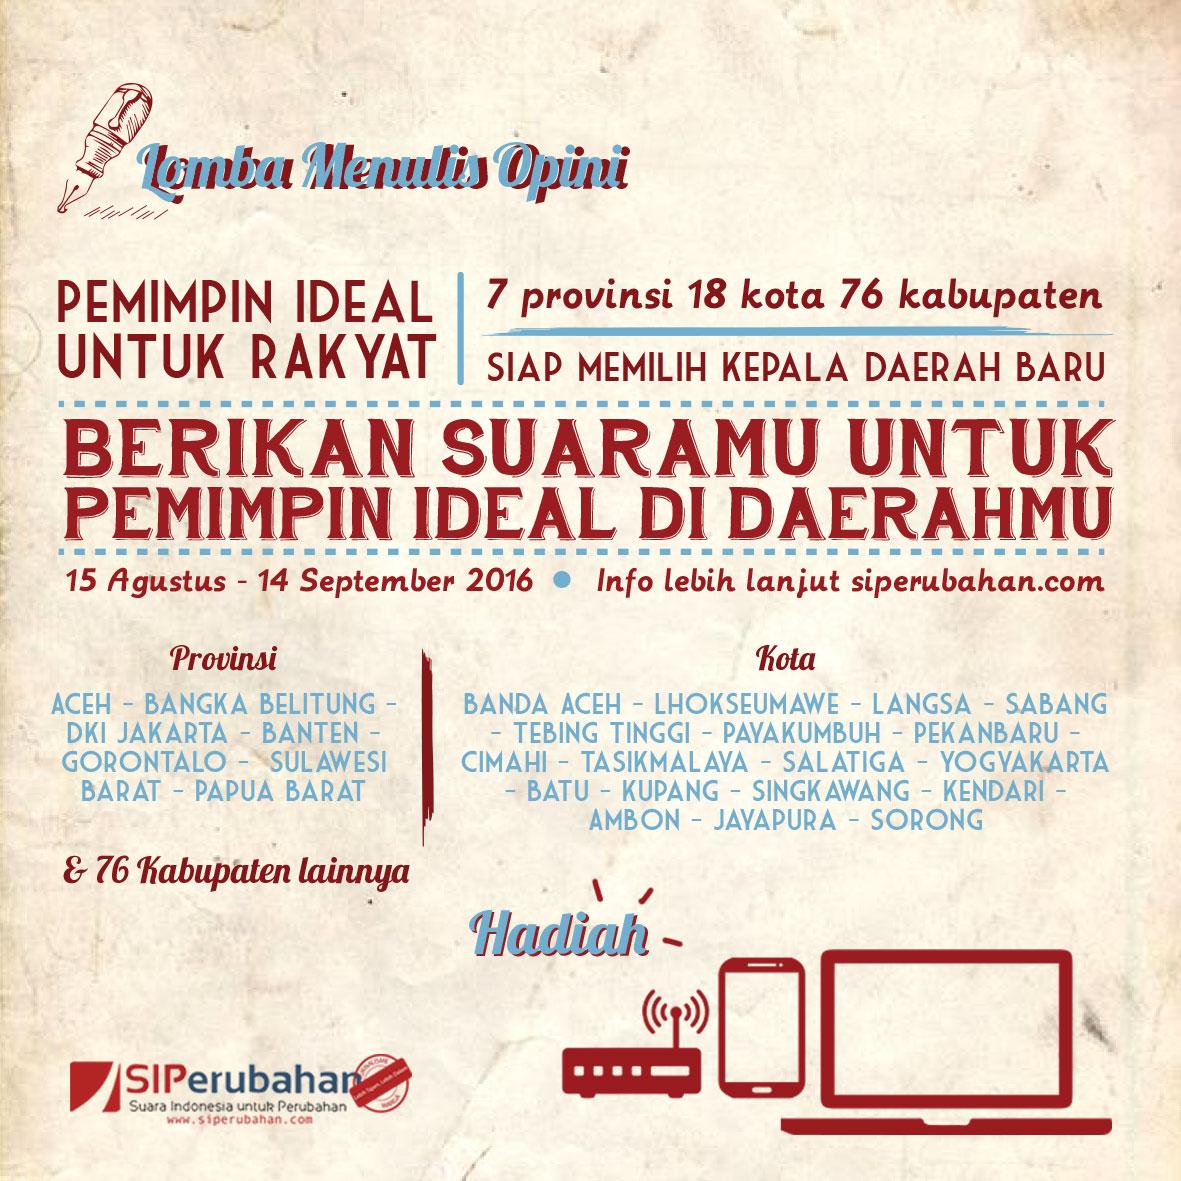 Lomba Menulis Opini Pemimpin IDeal Daerah - Redaksi Siperubahan (DL September 2016)